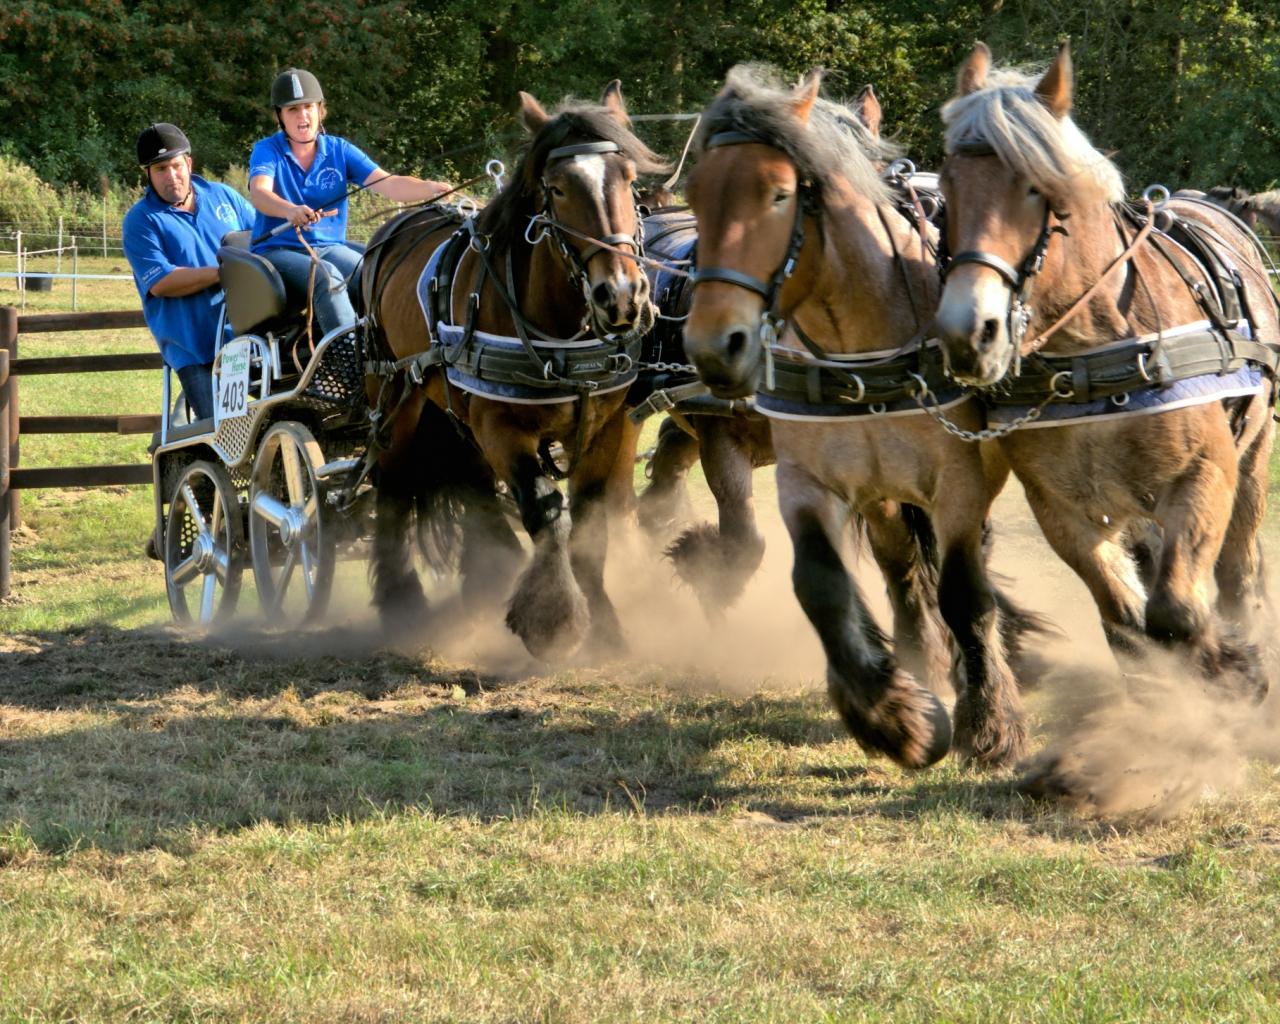 Caballos corriendo en carreras - 1280x1024